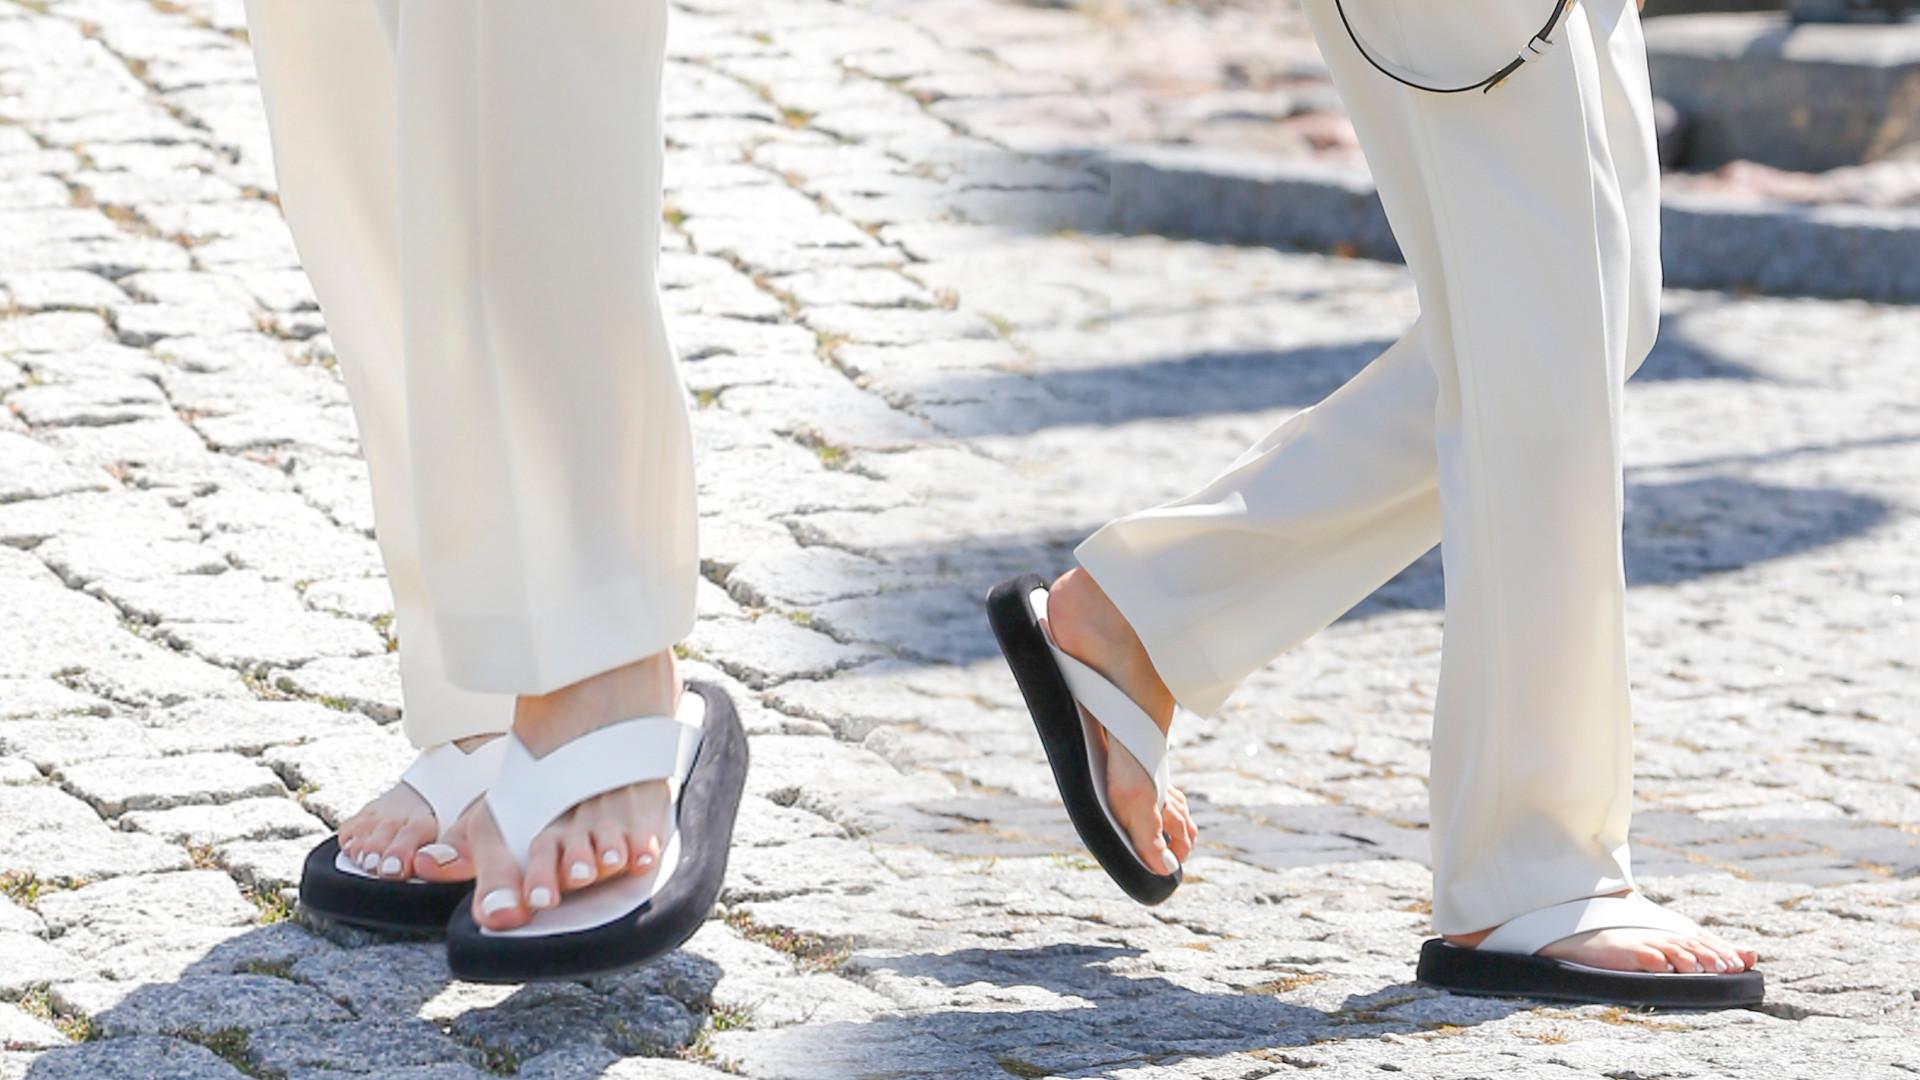 Japonki wracają do łask – nosi je jedna z czołowych polskich stylistek (ZDJĘCIA)